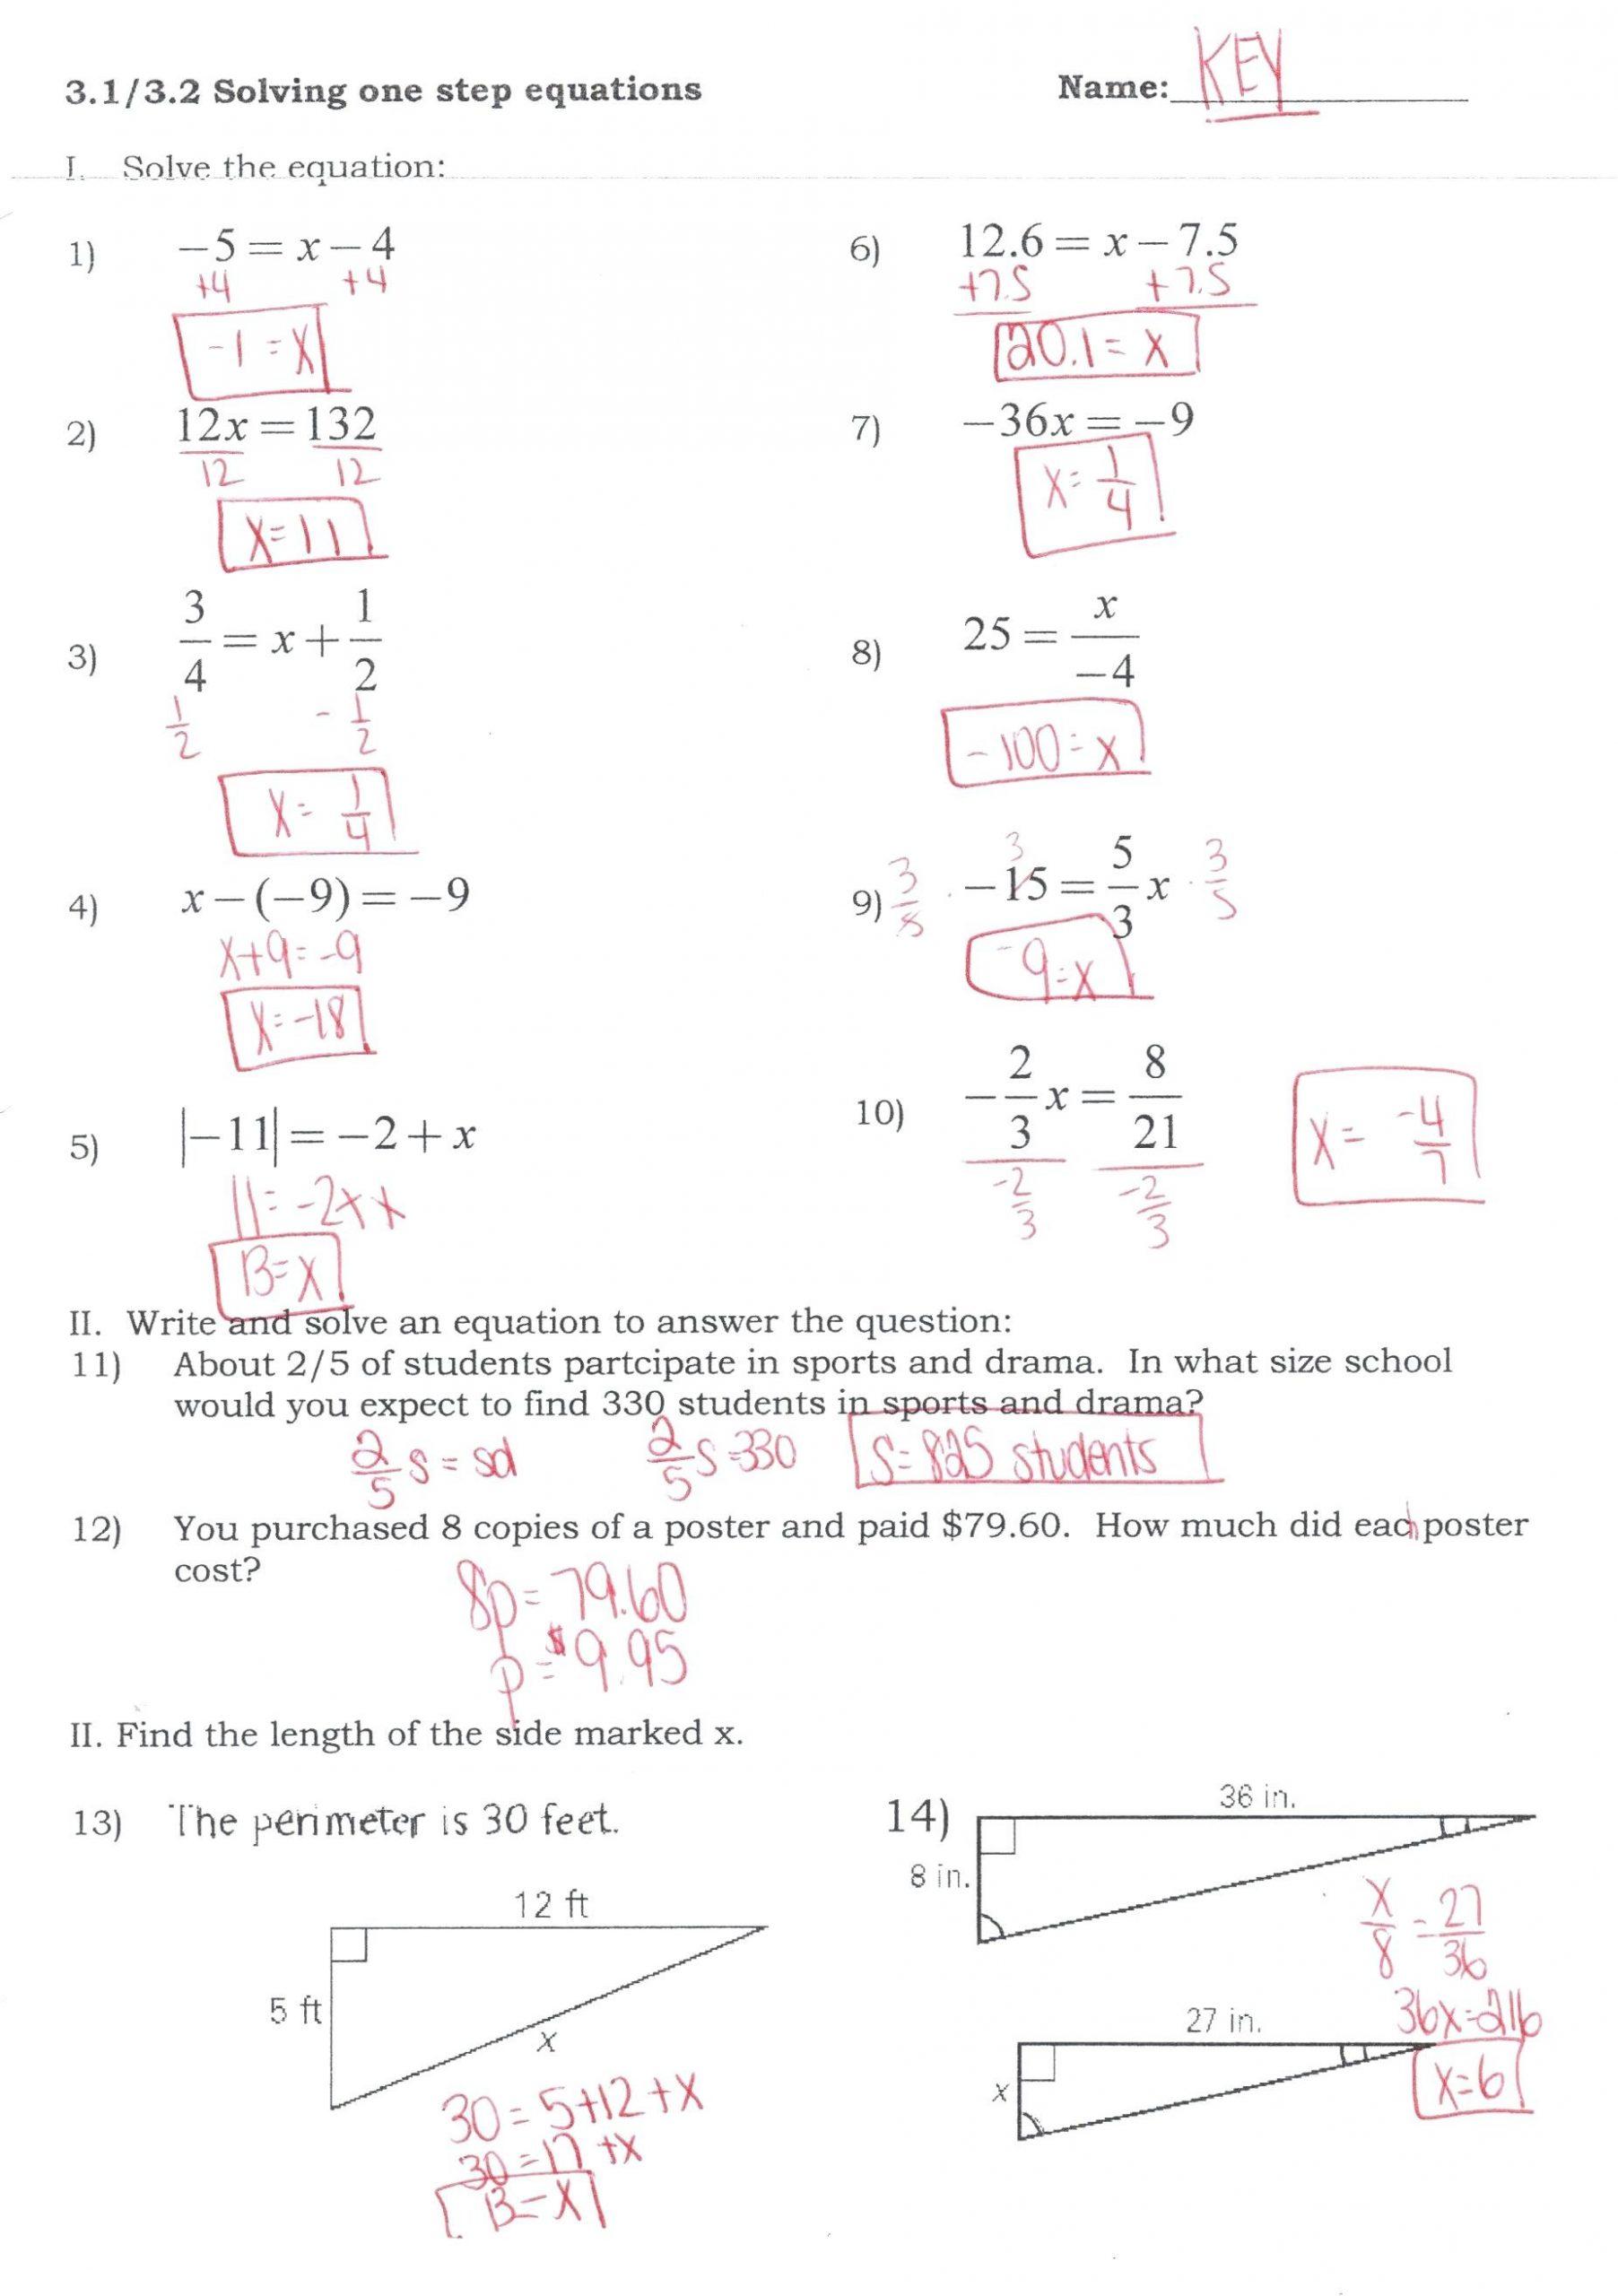 Factoring Quadratic Expressions Worksheet Factoring Quadratics Worksheet Answers Promotiontablecovers